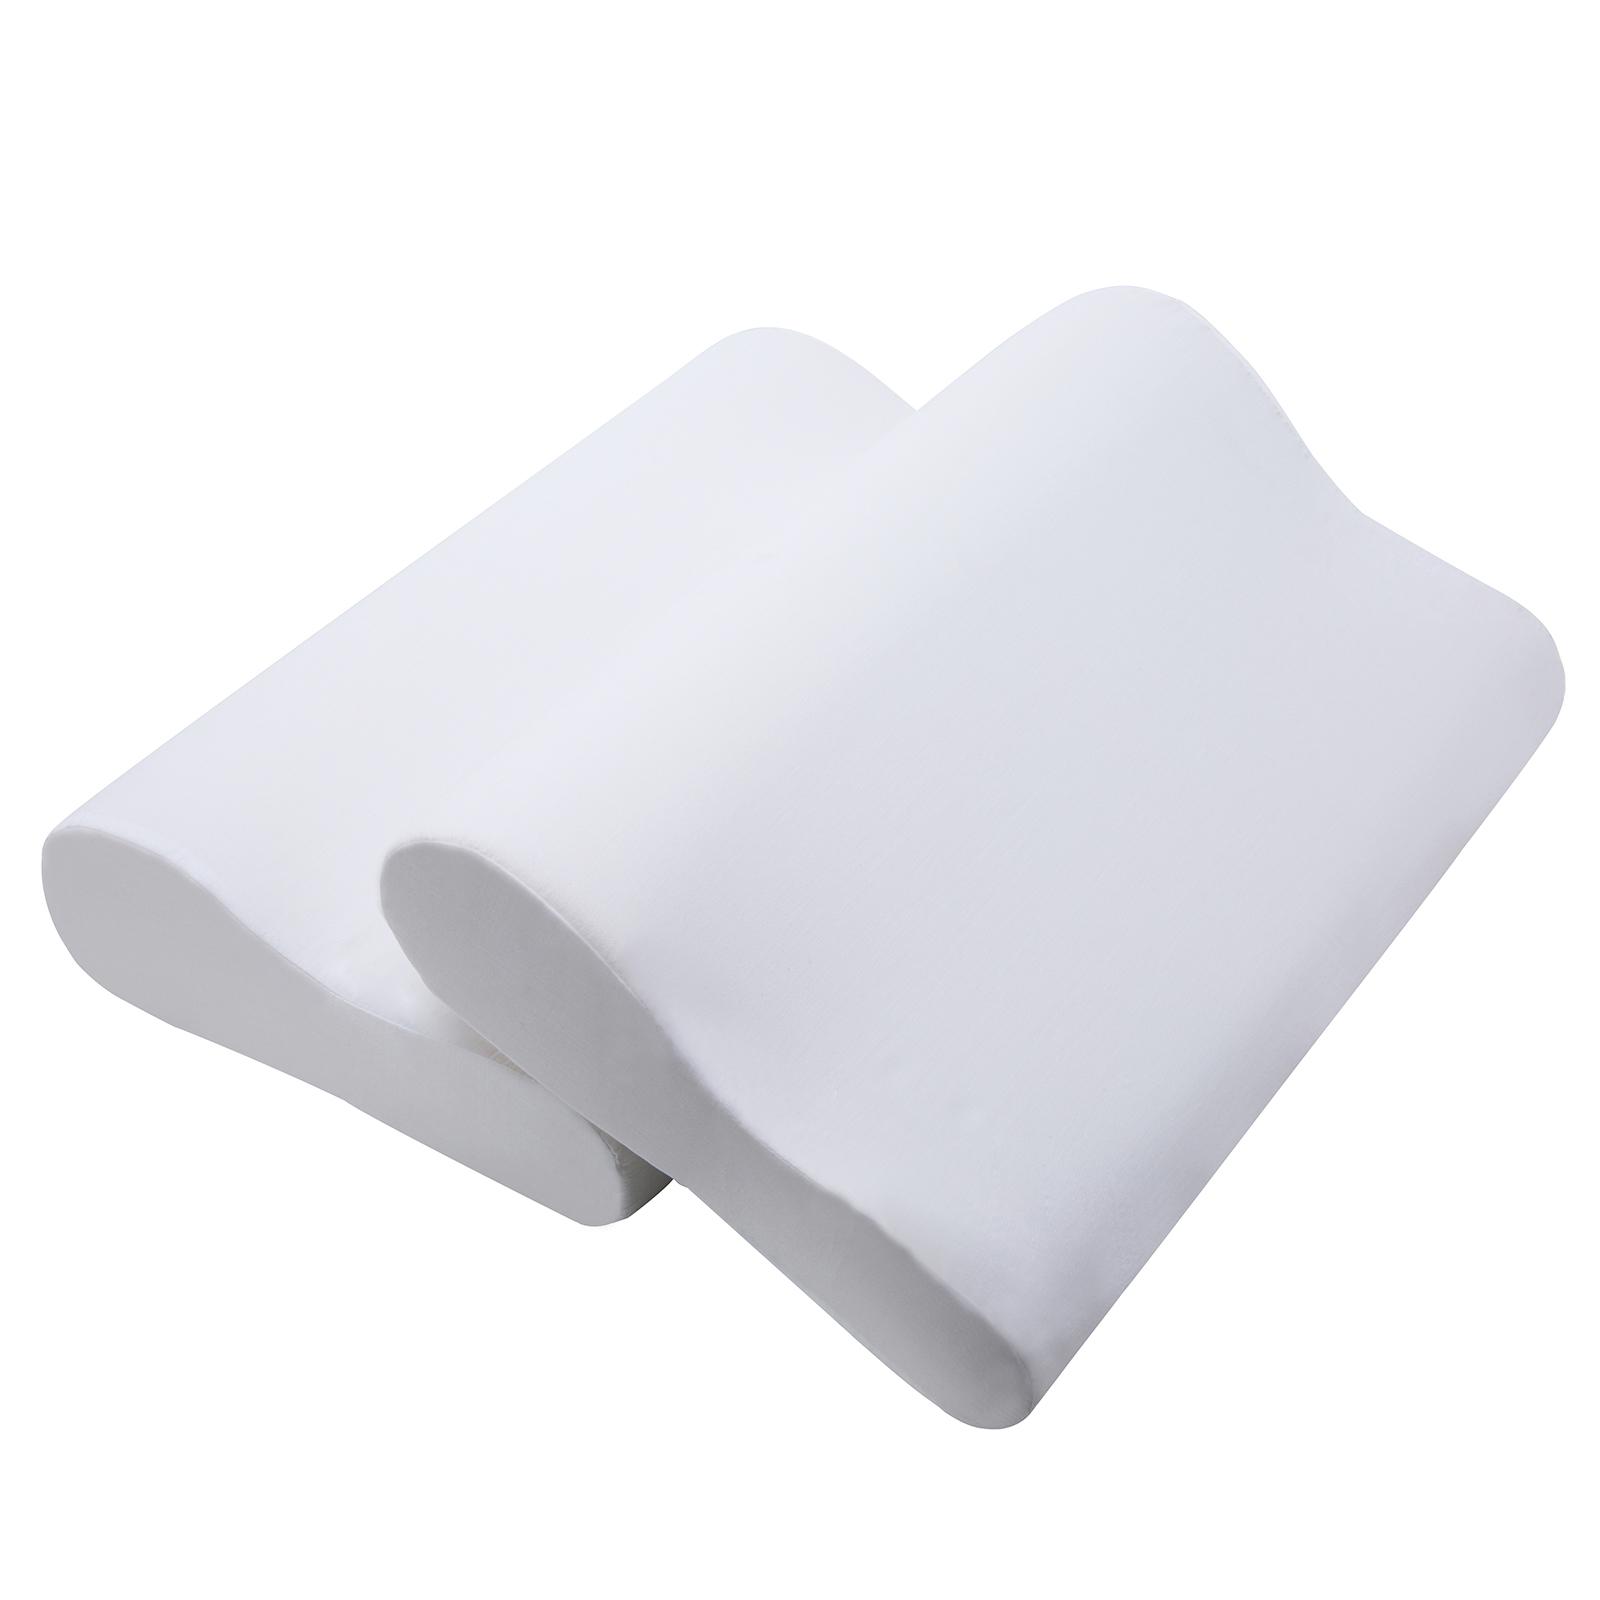 Medium Firm Memory Foam Mattress Bed 12 Queen Size 2 Free Gel Pillows Ebay